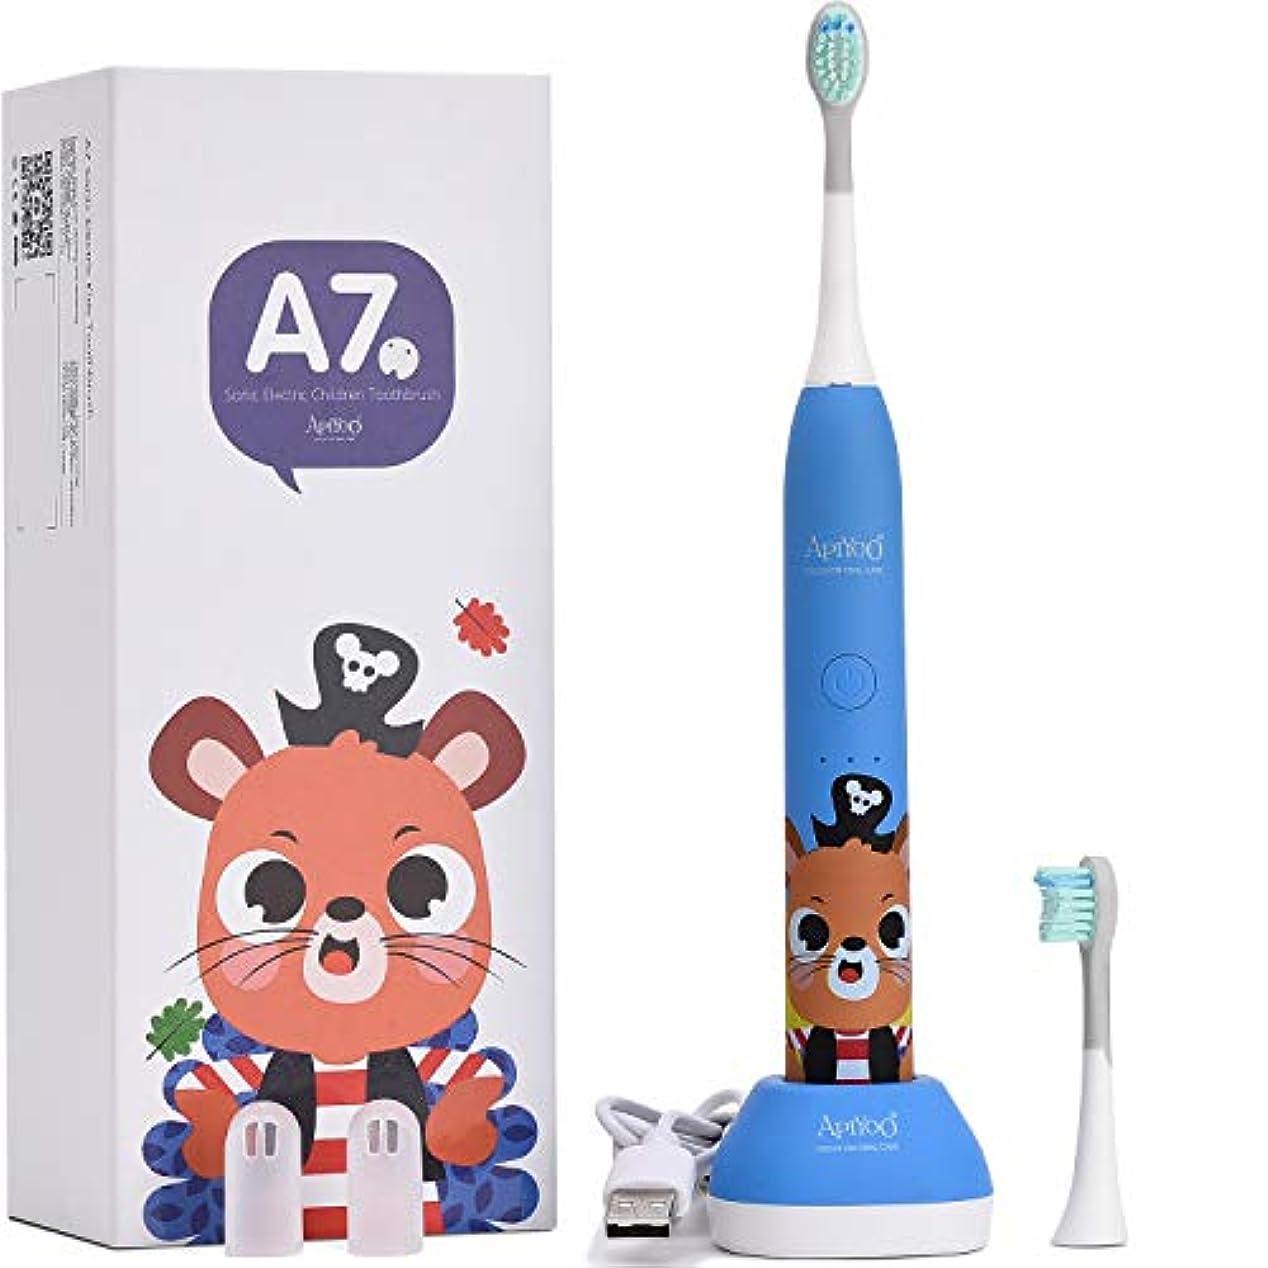 ドナウ川創傷麻酔薬子供用歯ブラシ、APIYOO A7ワイヤレス充電式電動歯ブラシ、IPX7防水、三種類ブラッシングモード、子供に対応の2分間スマートタイマー機能付き(ブルー)